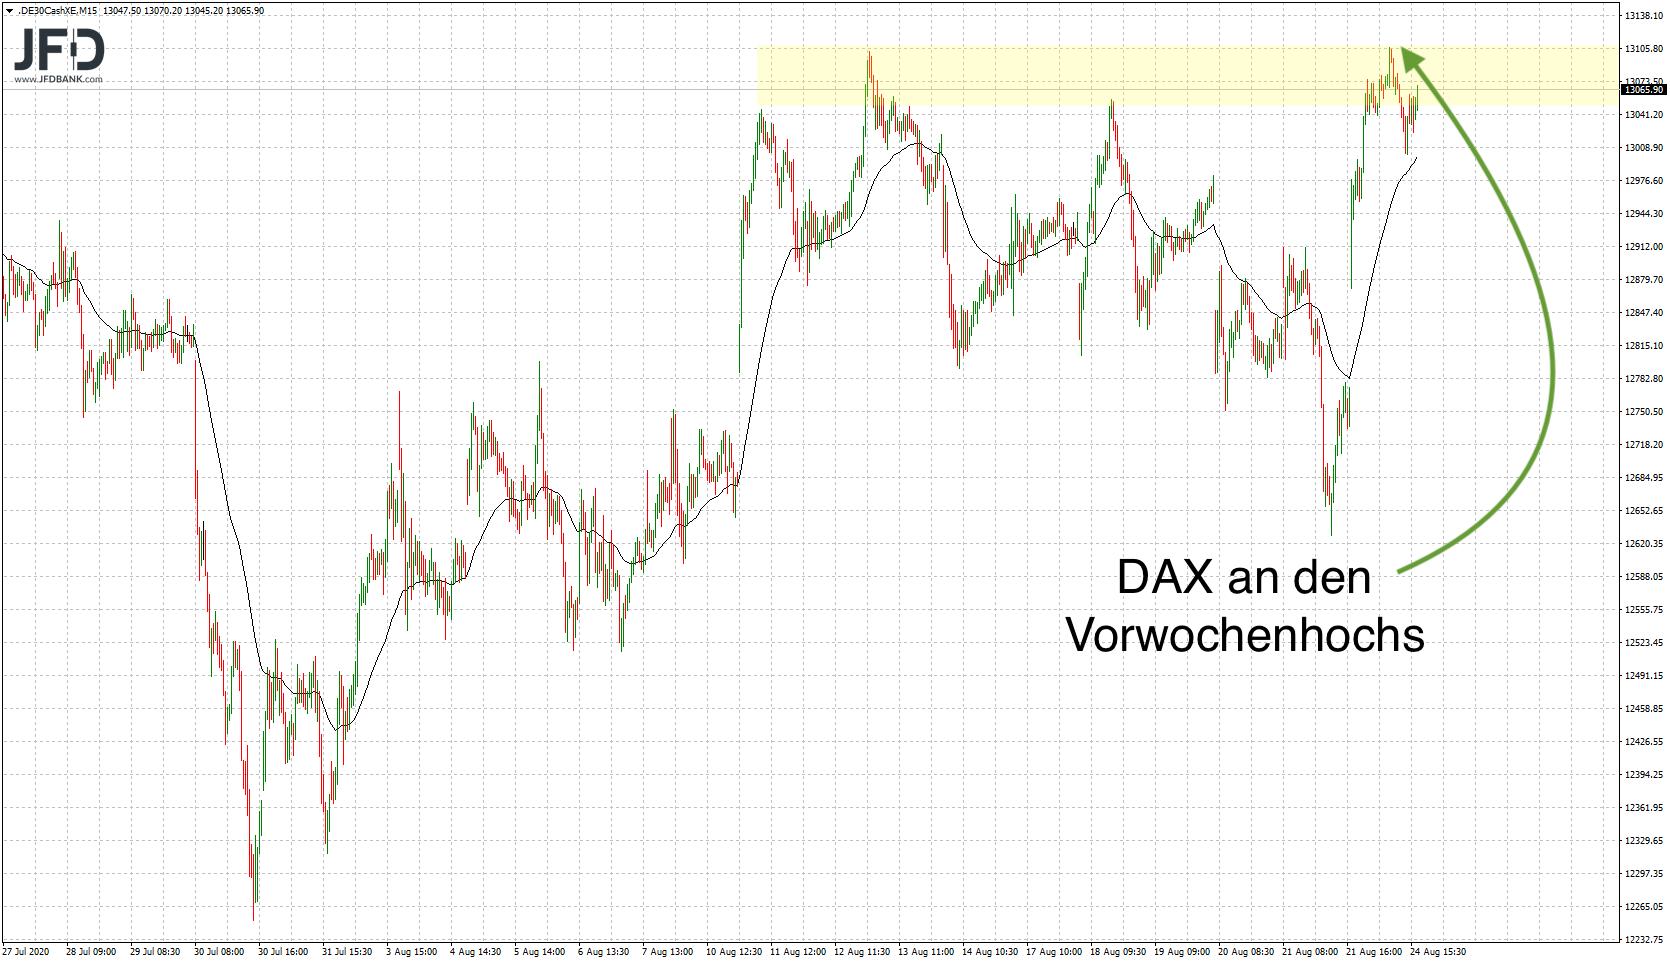 DAX-Widerstand im XETRA?